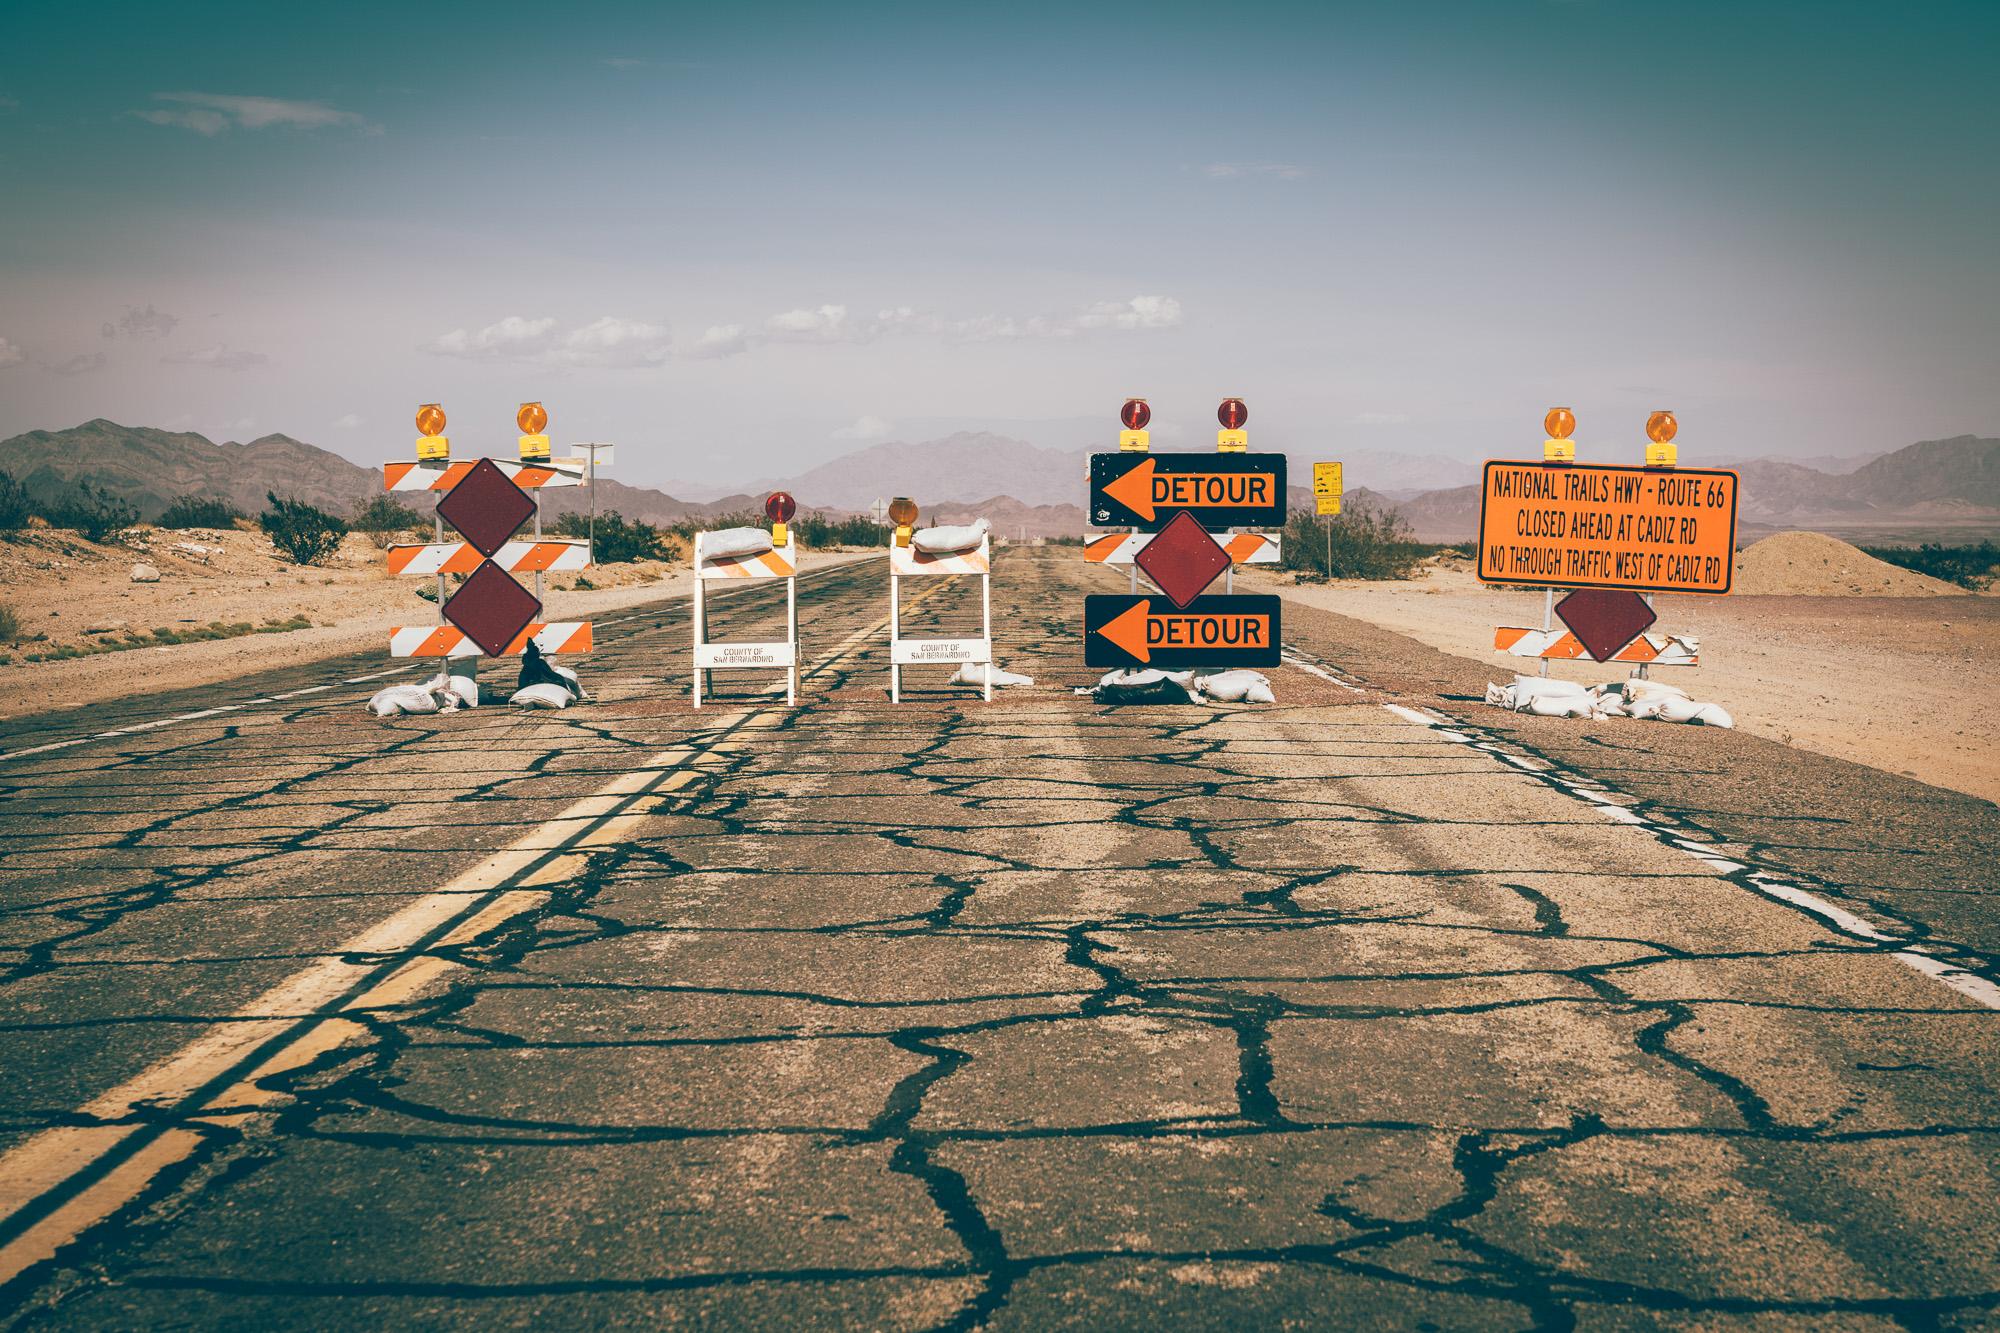 Objazd na Route 66 w okolicach San Bernardino, Kalifornia, USA.